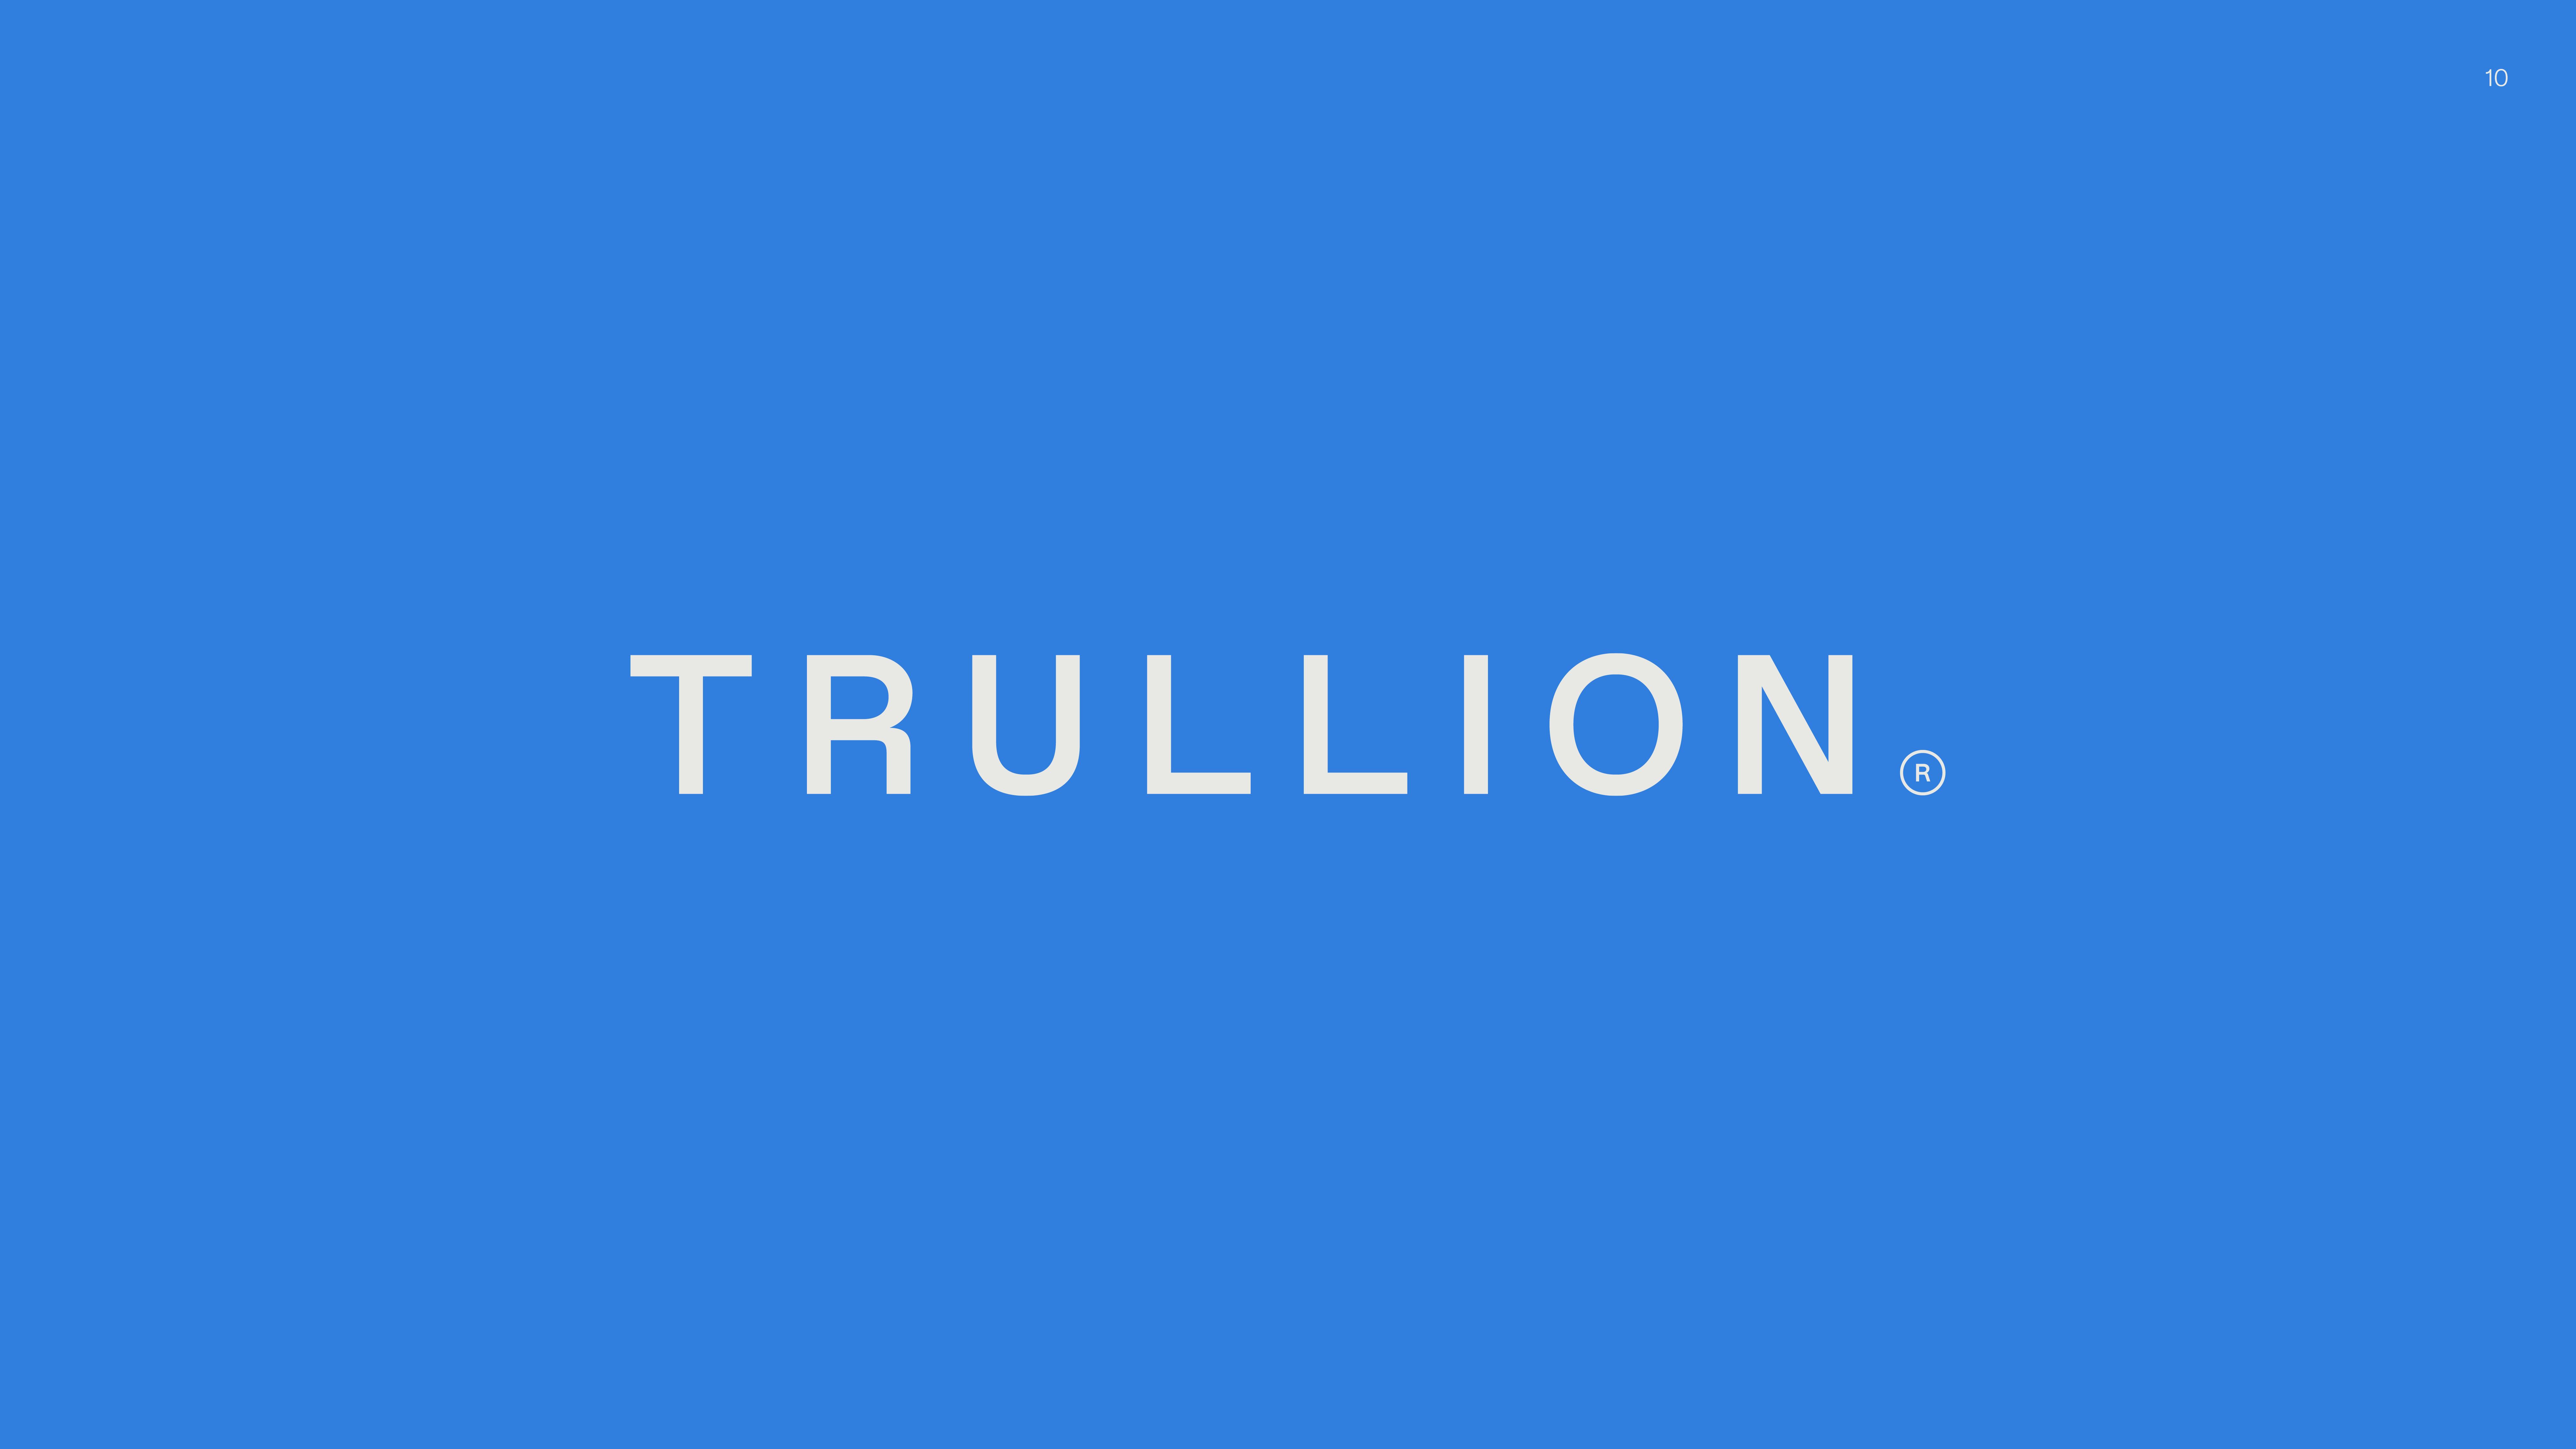 Trullion-WM-Cyber